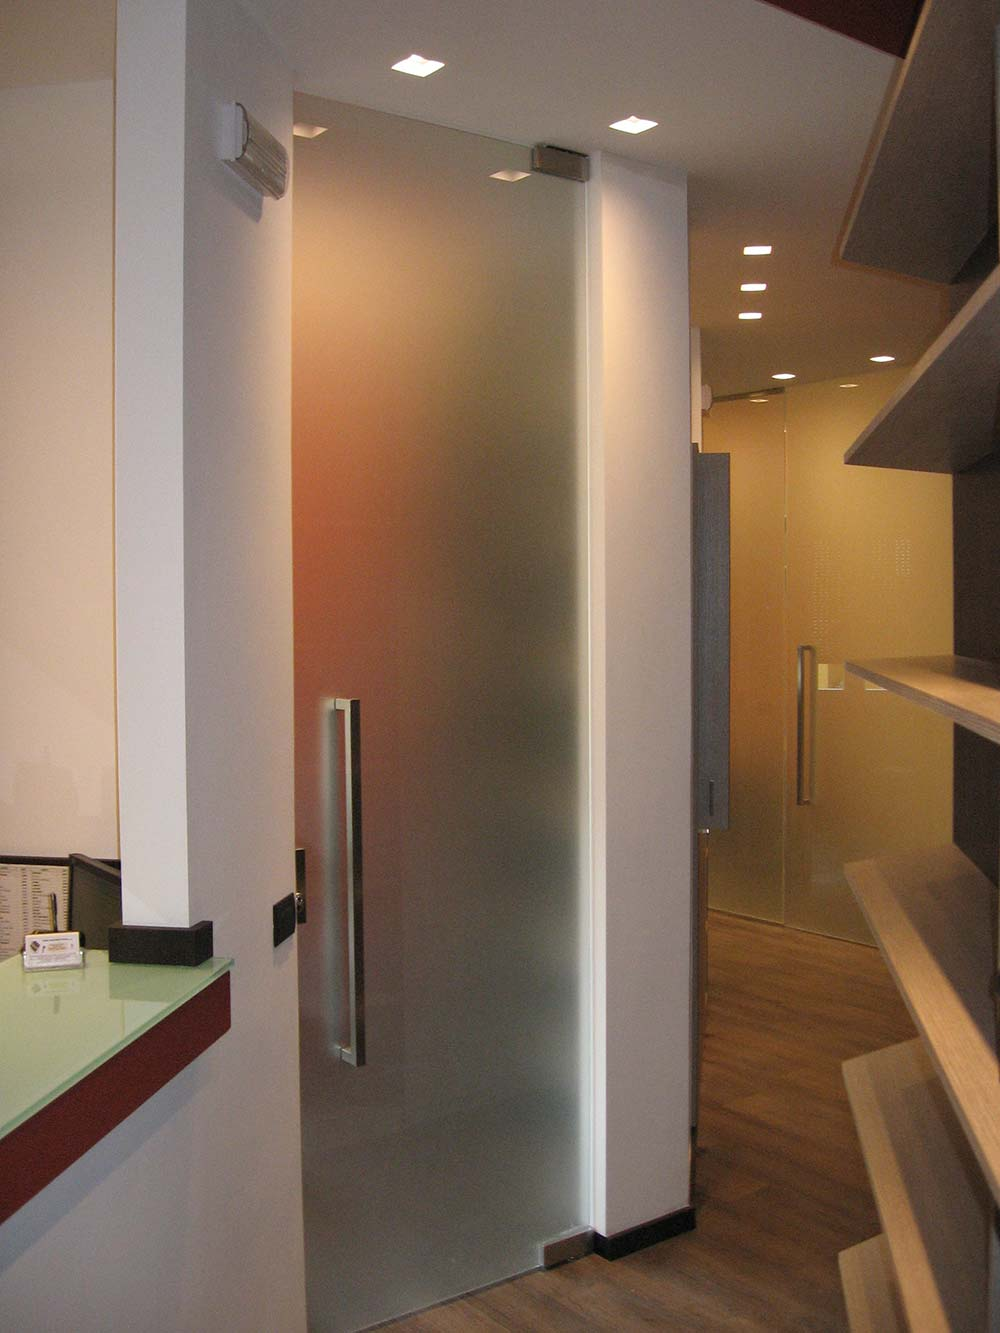 Ufficio monza architettura e design d 39 interni - Architettura design interni ...